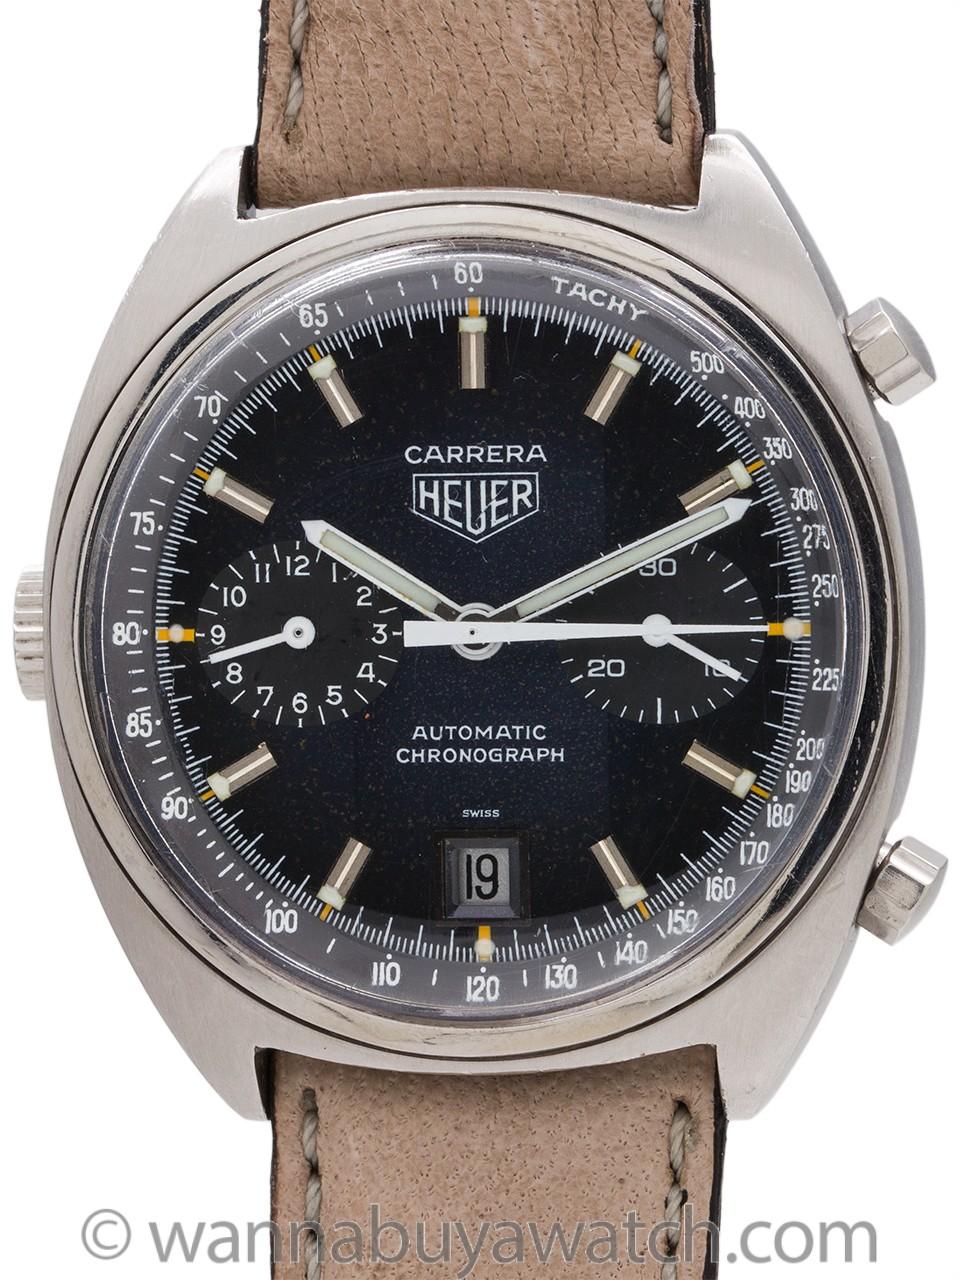 Heuer Carrera ref. 110.253B circa 1970's